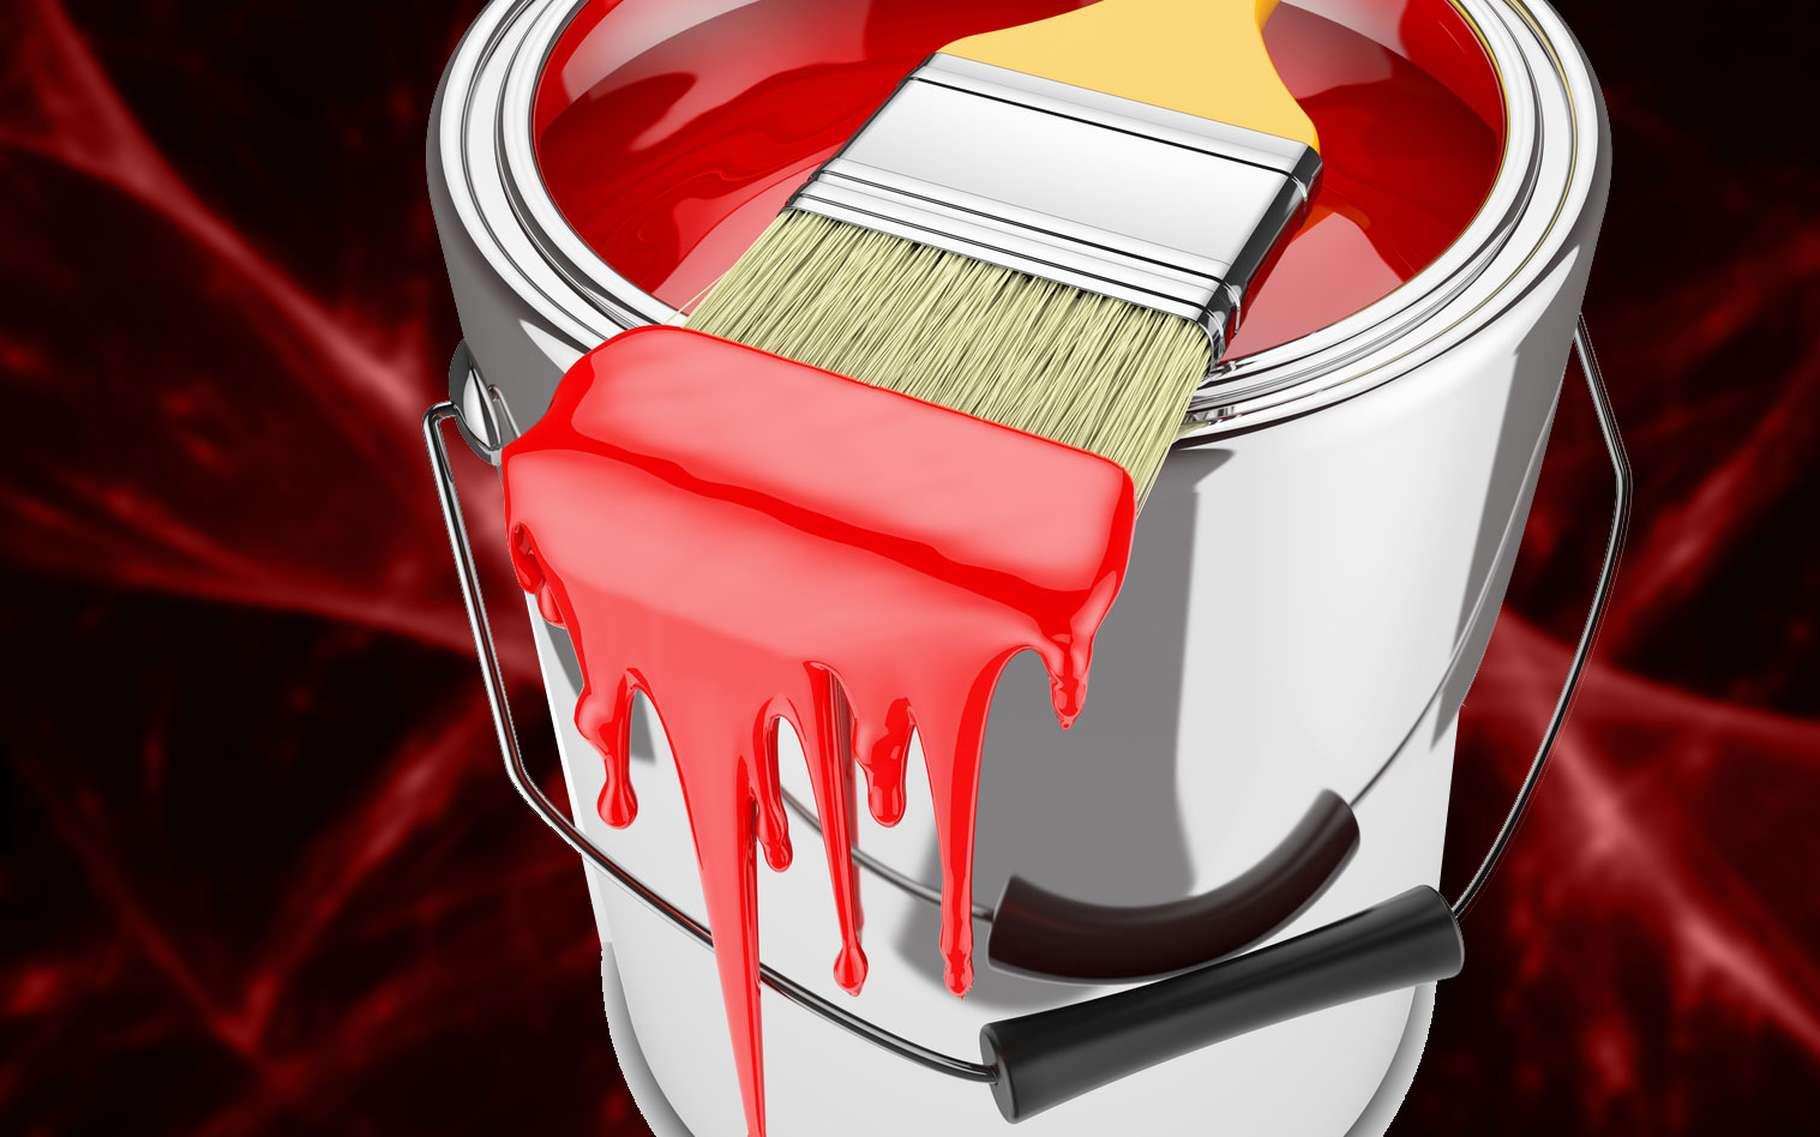 Choisir Peinture Mat Ou Satinée peinture mate, satinée ou brillante ?   dossier